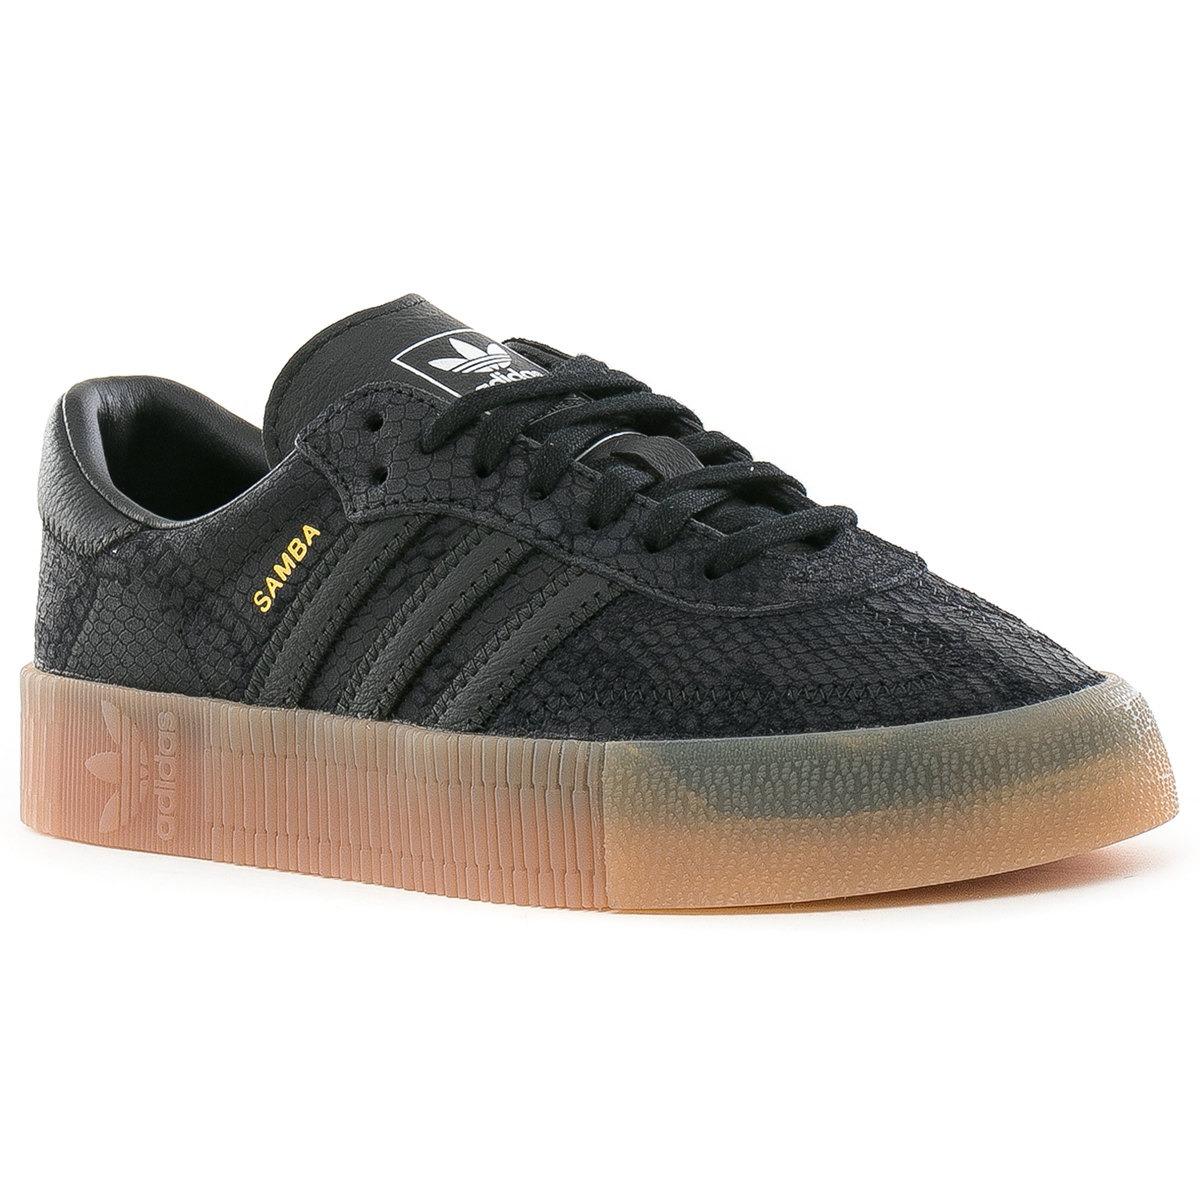 Zapatillas Sambarose W adidas Originals Tienda Oficial